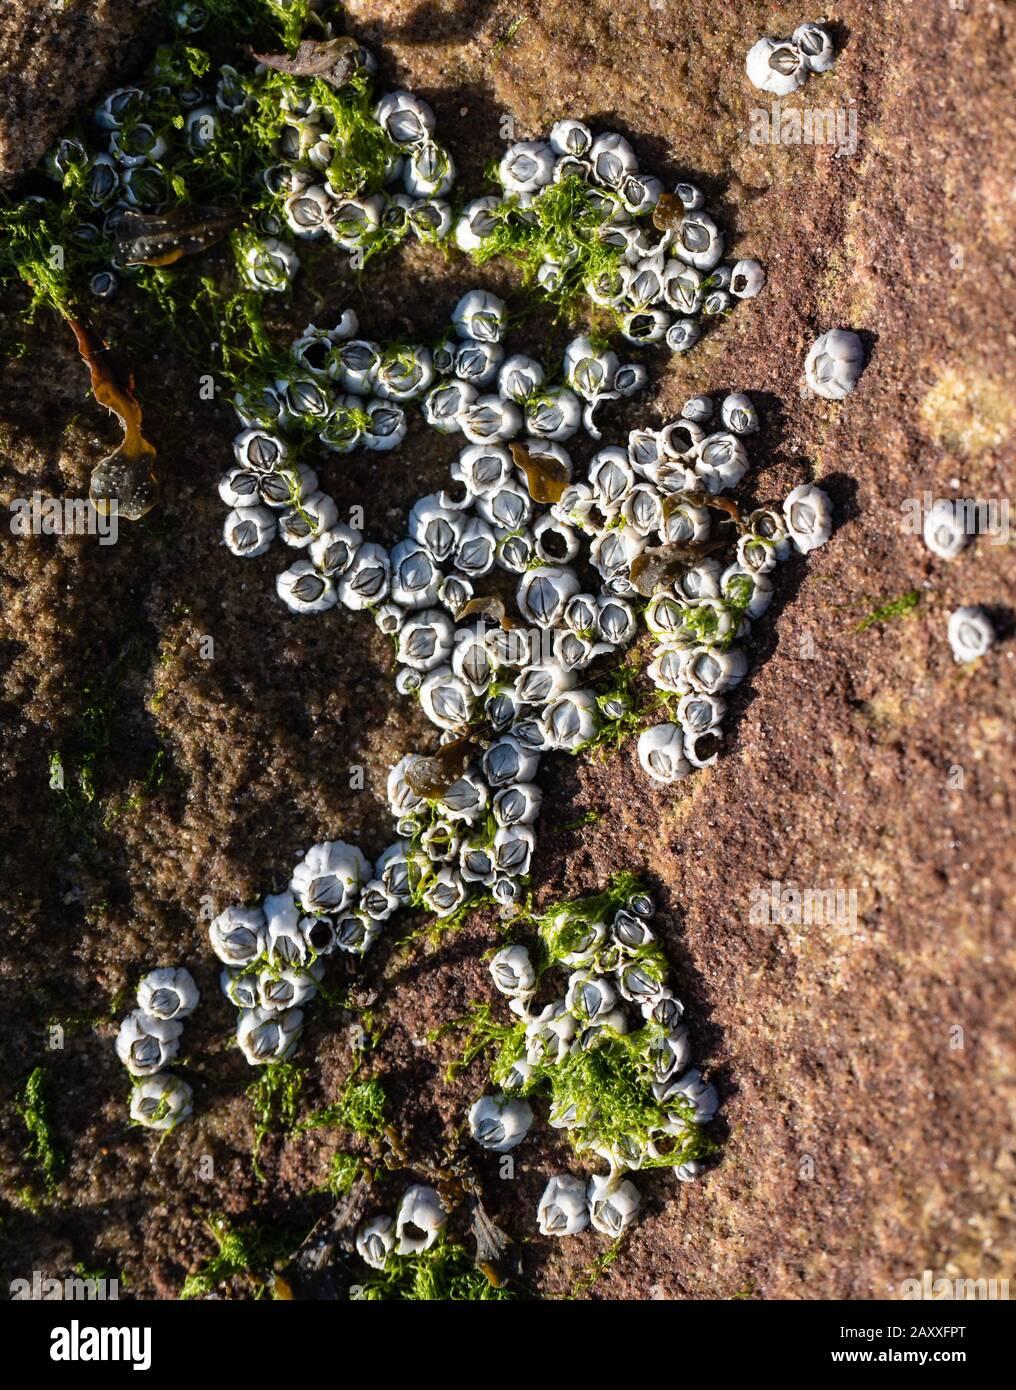 roca costera incrustada con diminutas percebes blancas y algas verdes Foto de stock